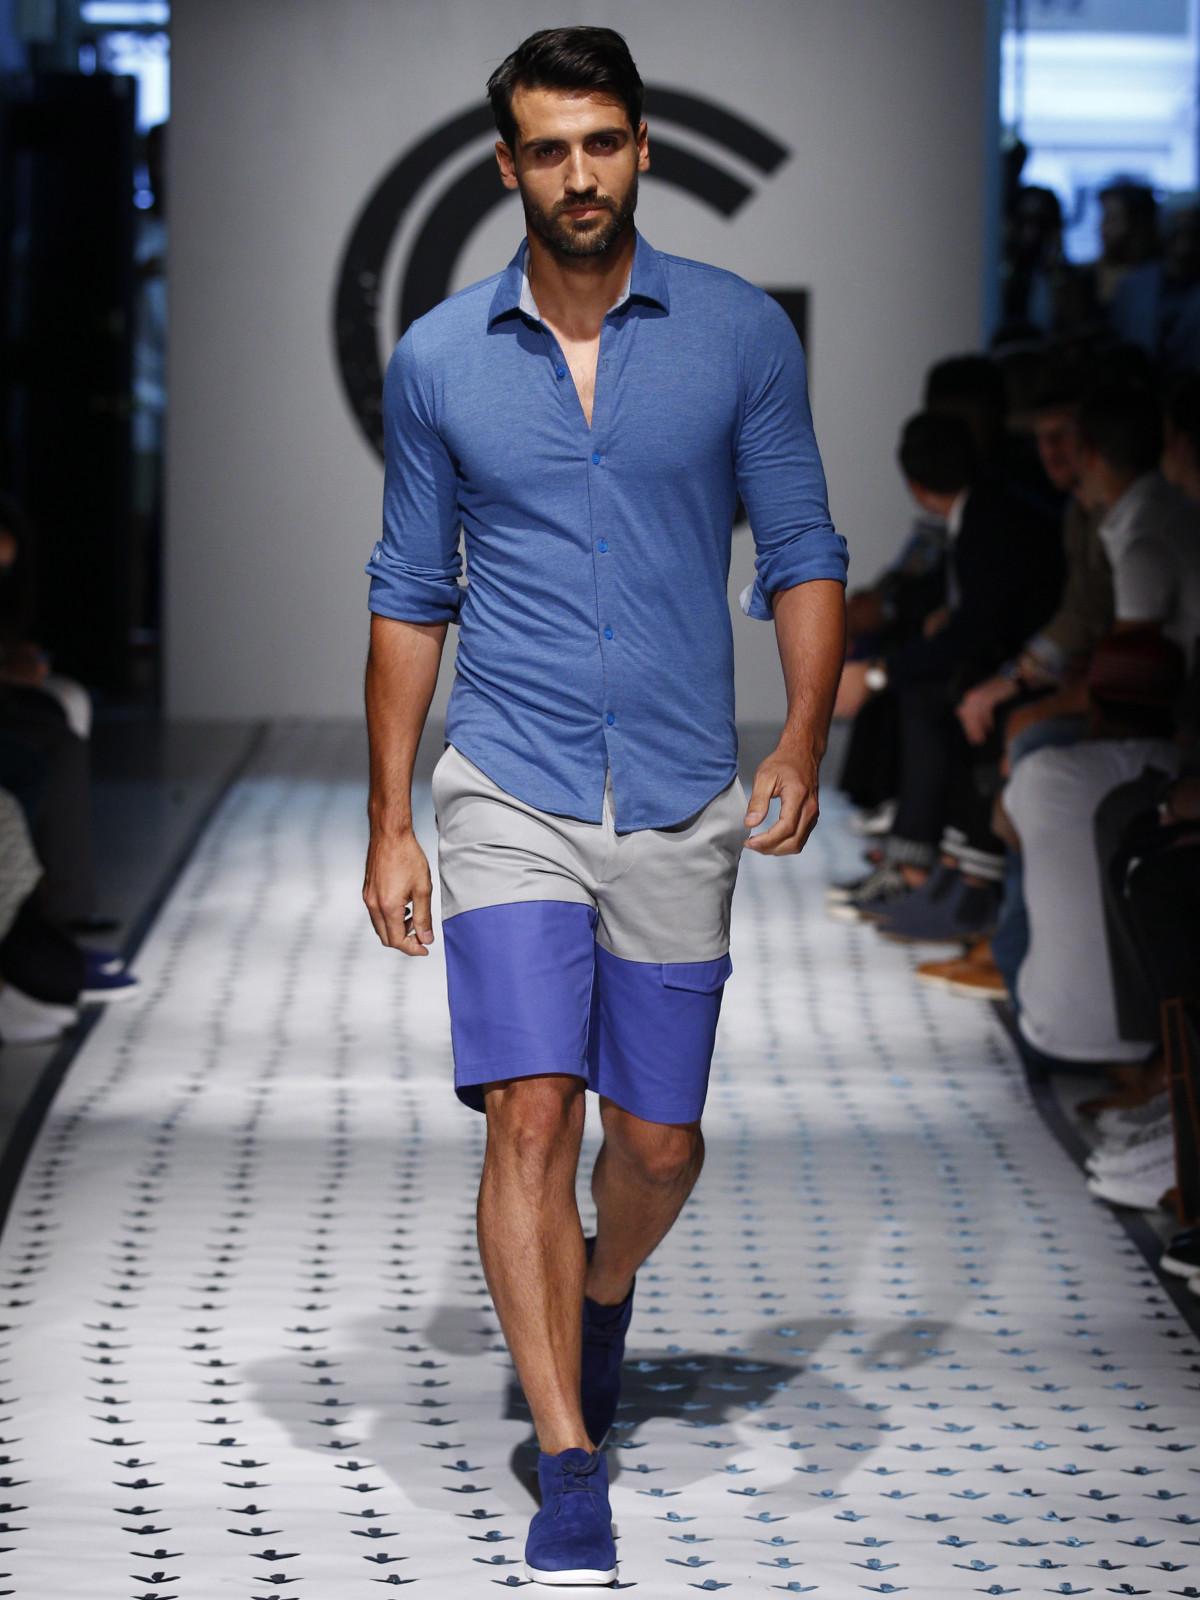 a024de9f0ec8 New York Men s Fashion Week Grungy Gentleman spring summer 2016 shorts shirt